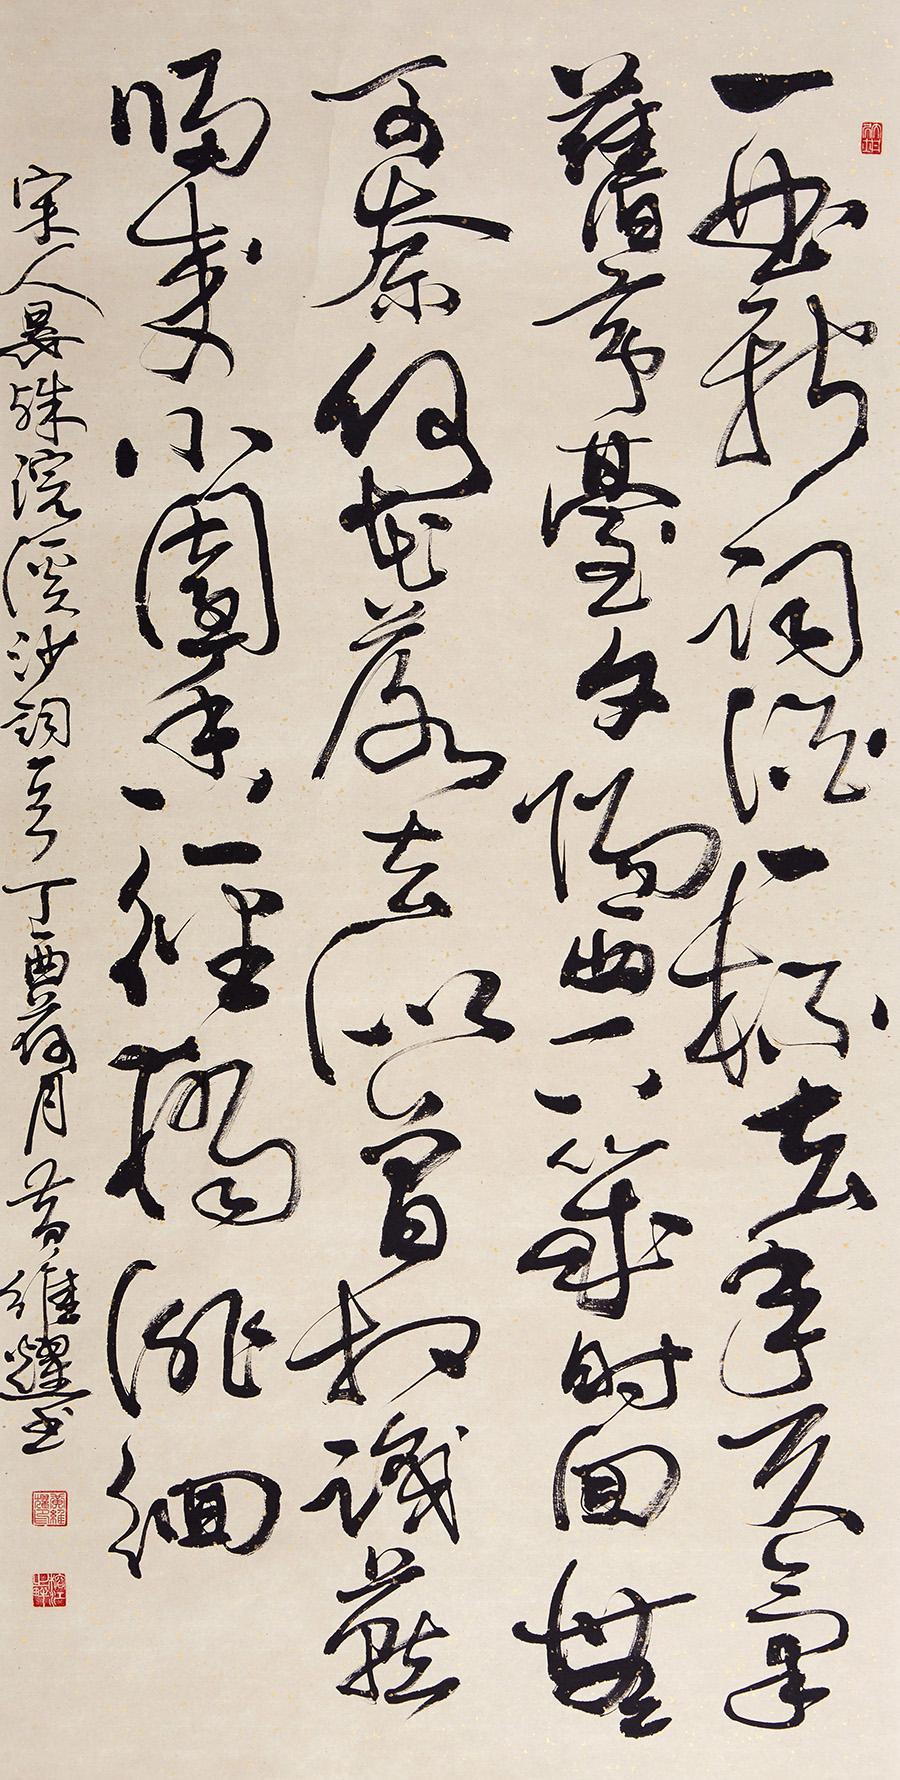 宋人晏苏浣溪沙词-尺寸-68-138-3.jpg